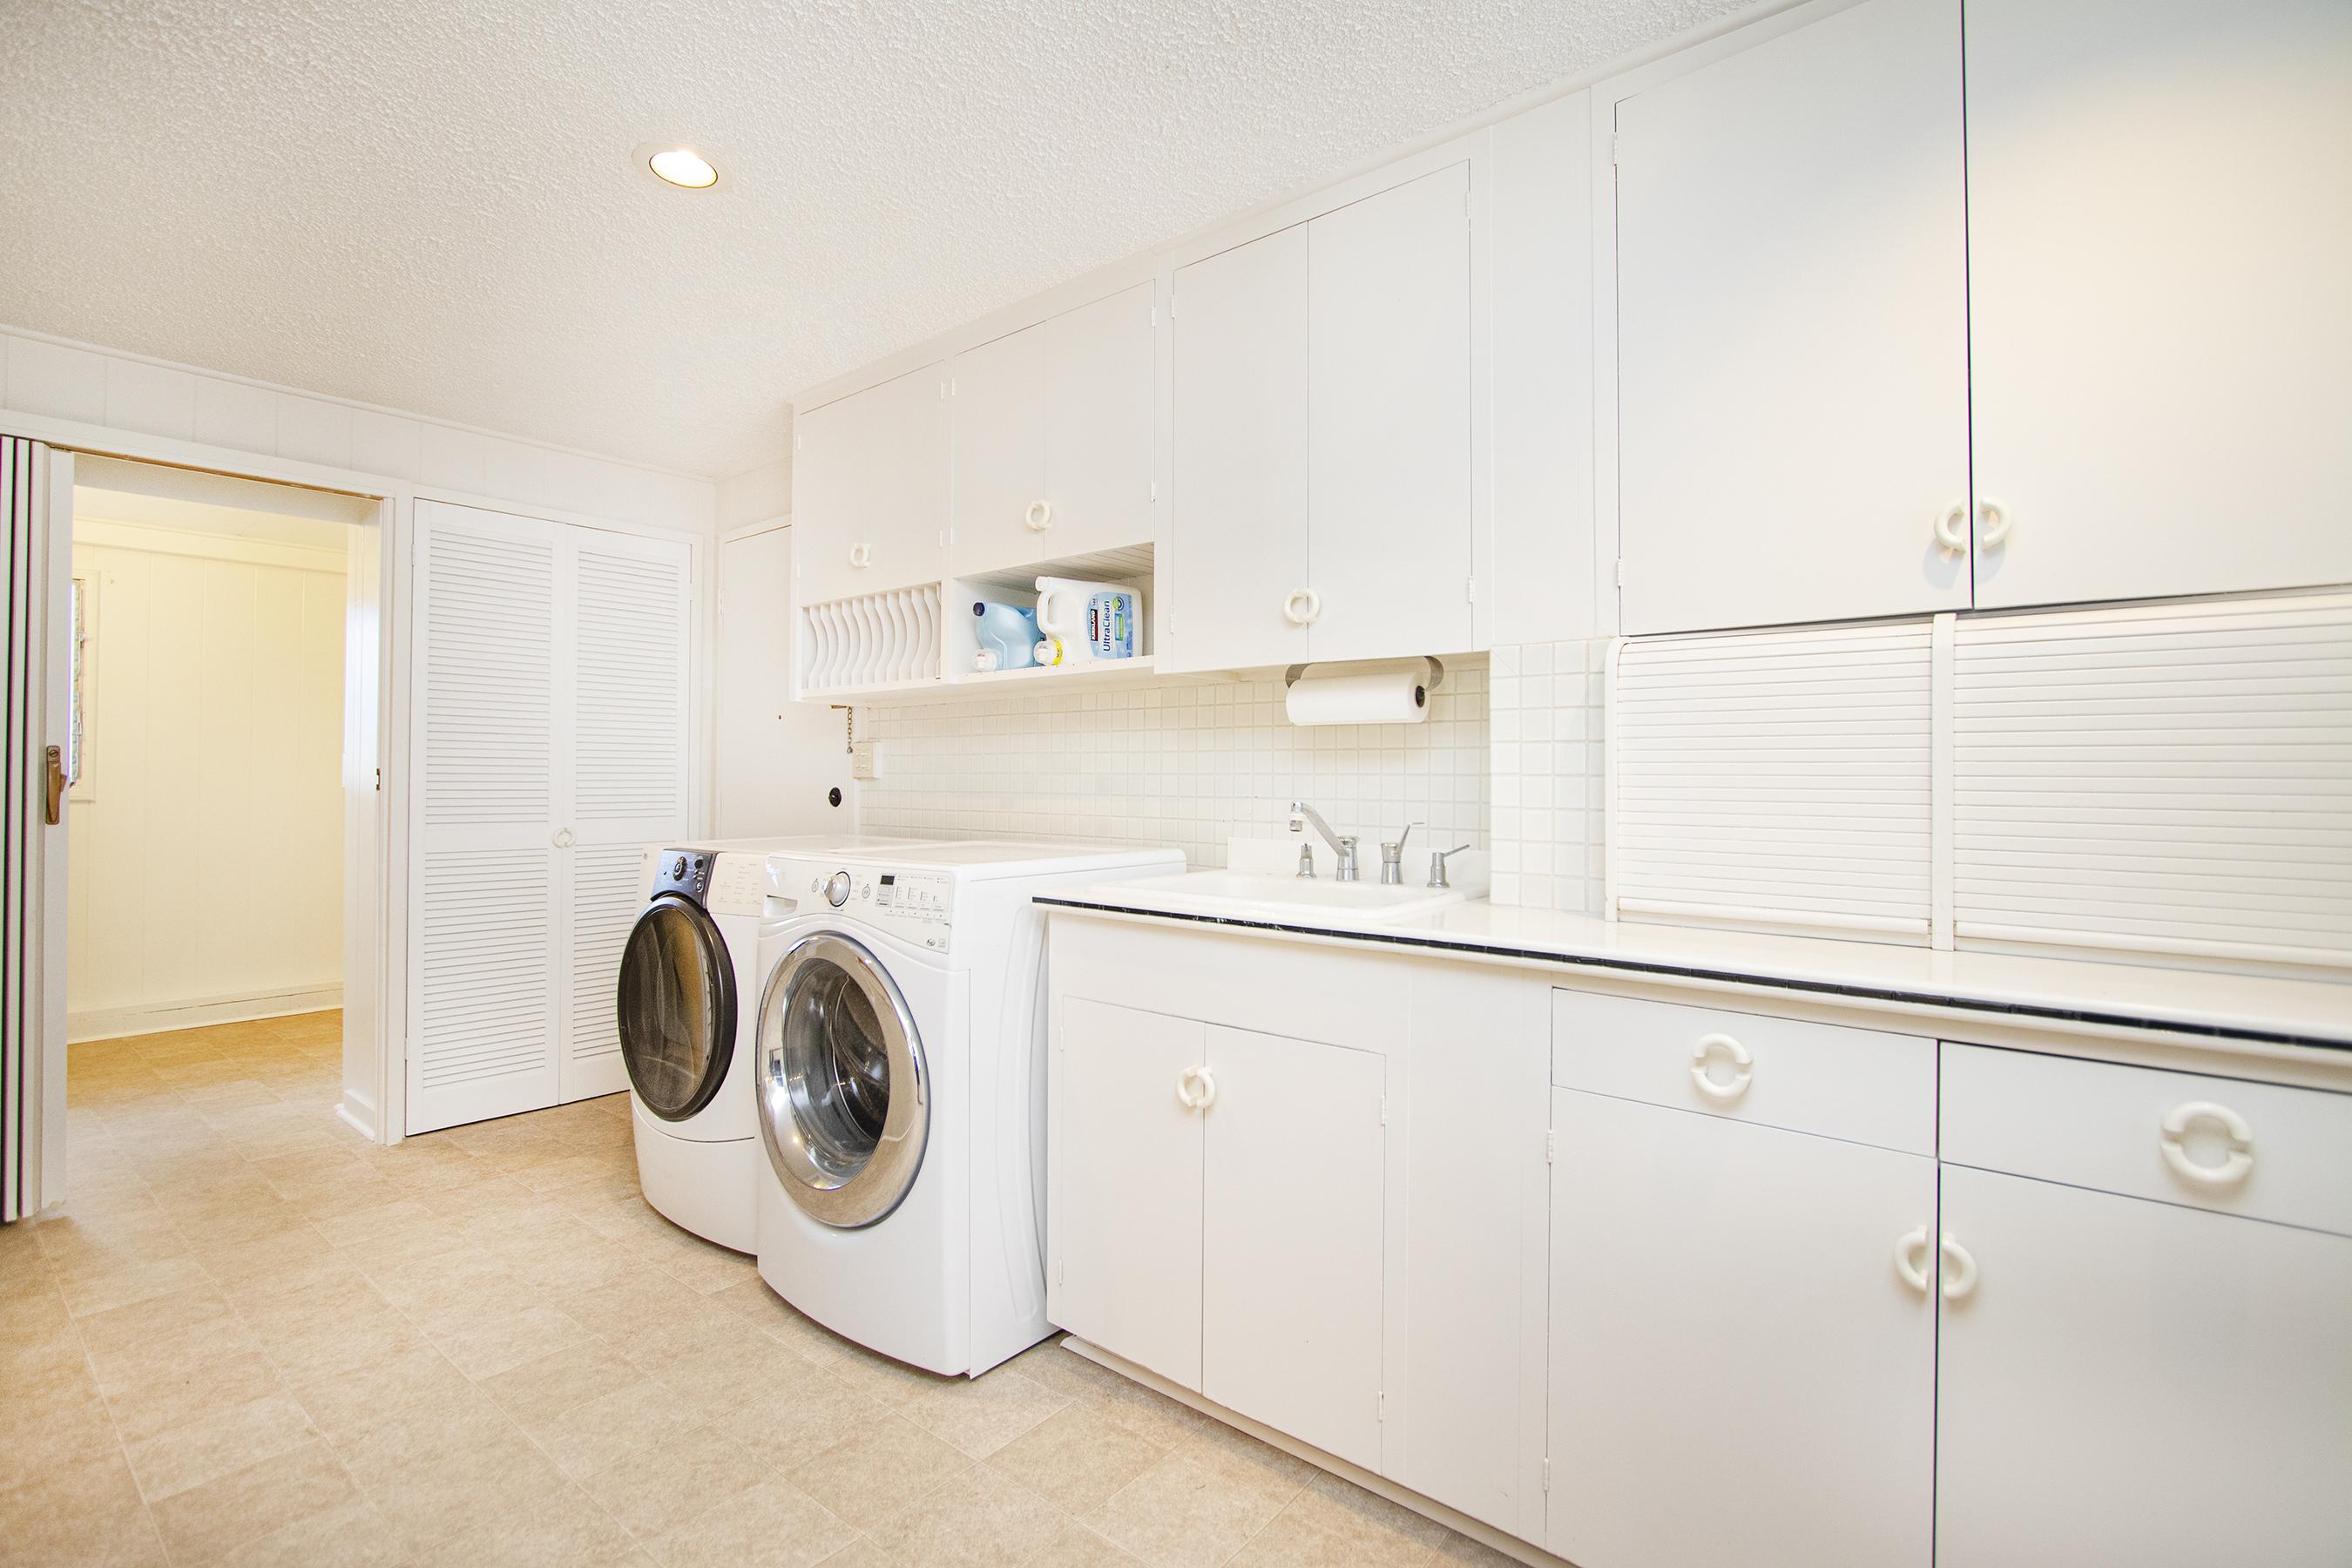 Laundry area at 380 Puiwa Road, Honolulu, HI 96817